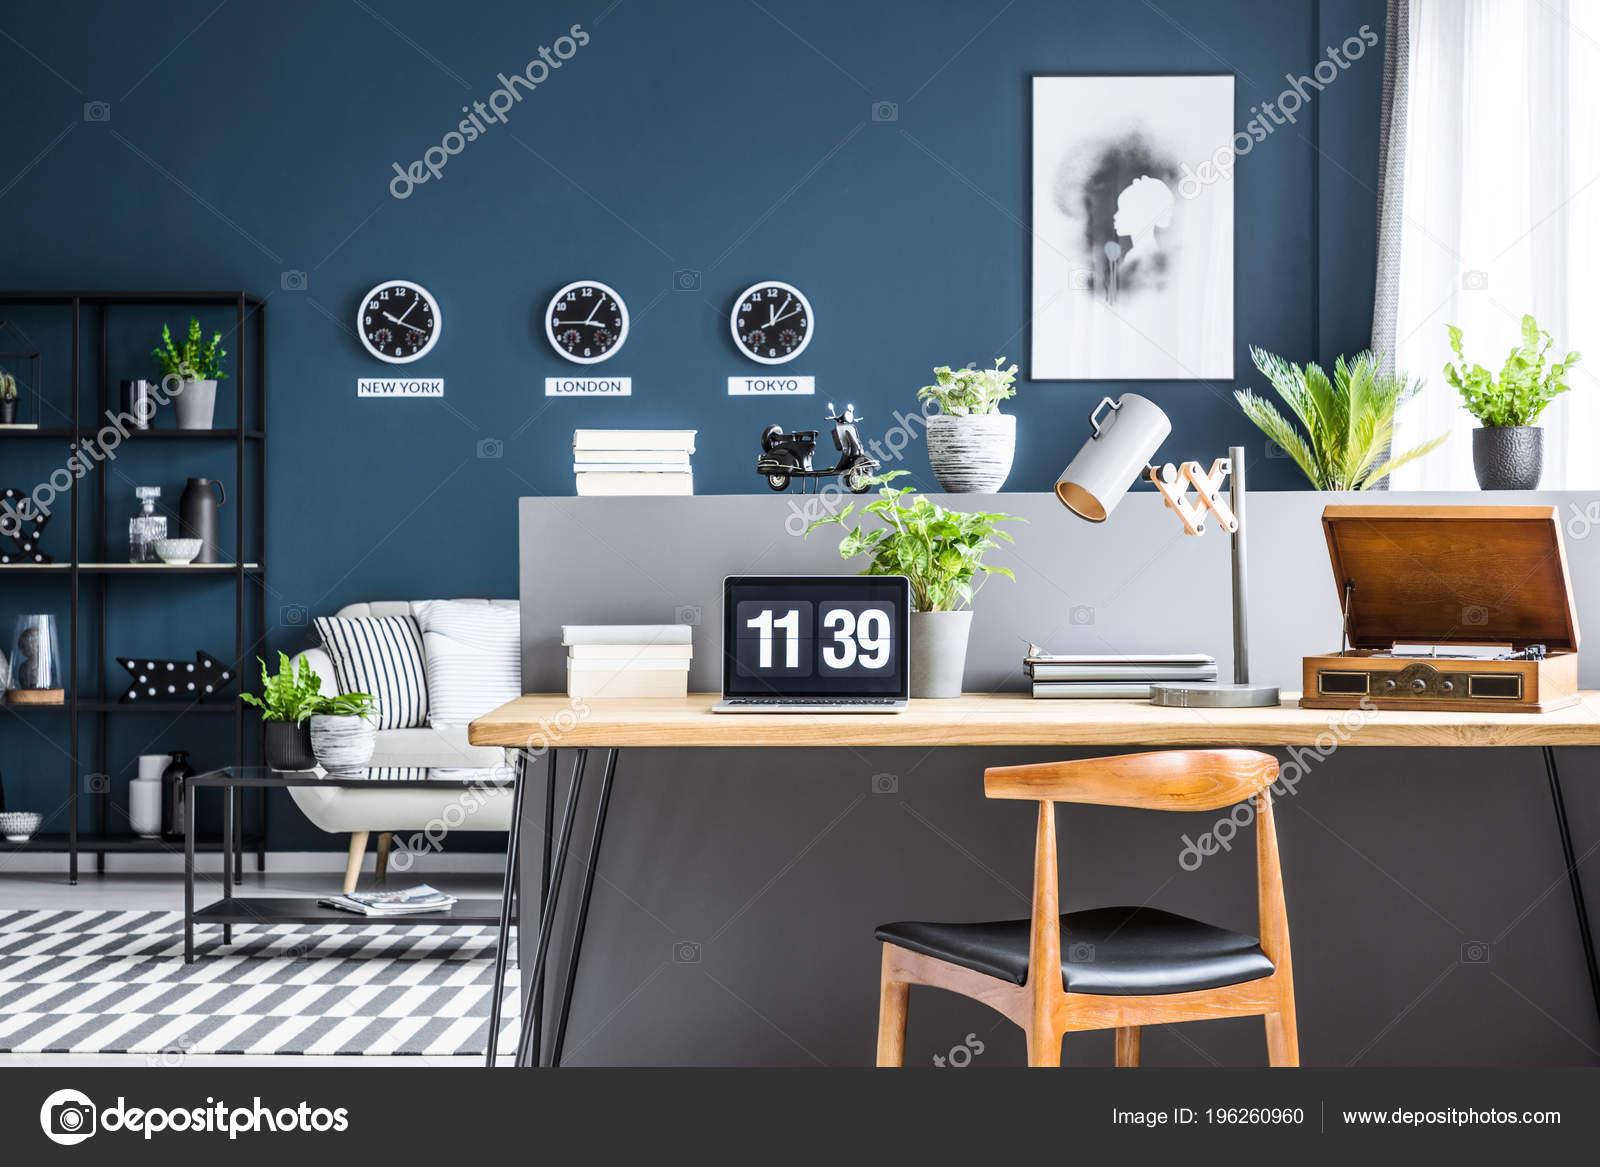 Dark Blue Living Room Interior Black Industrial Racks ...